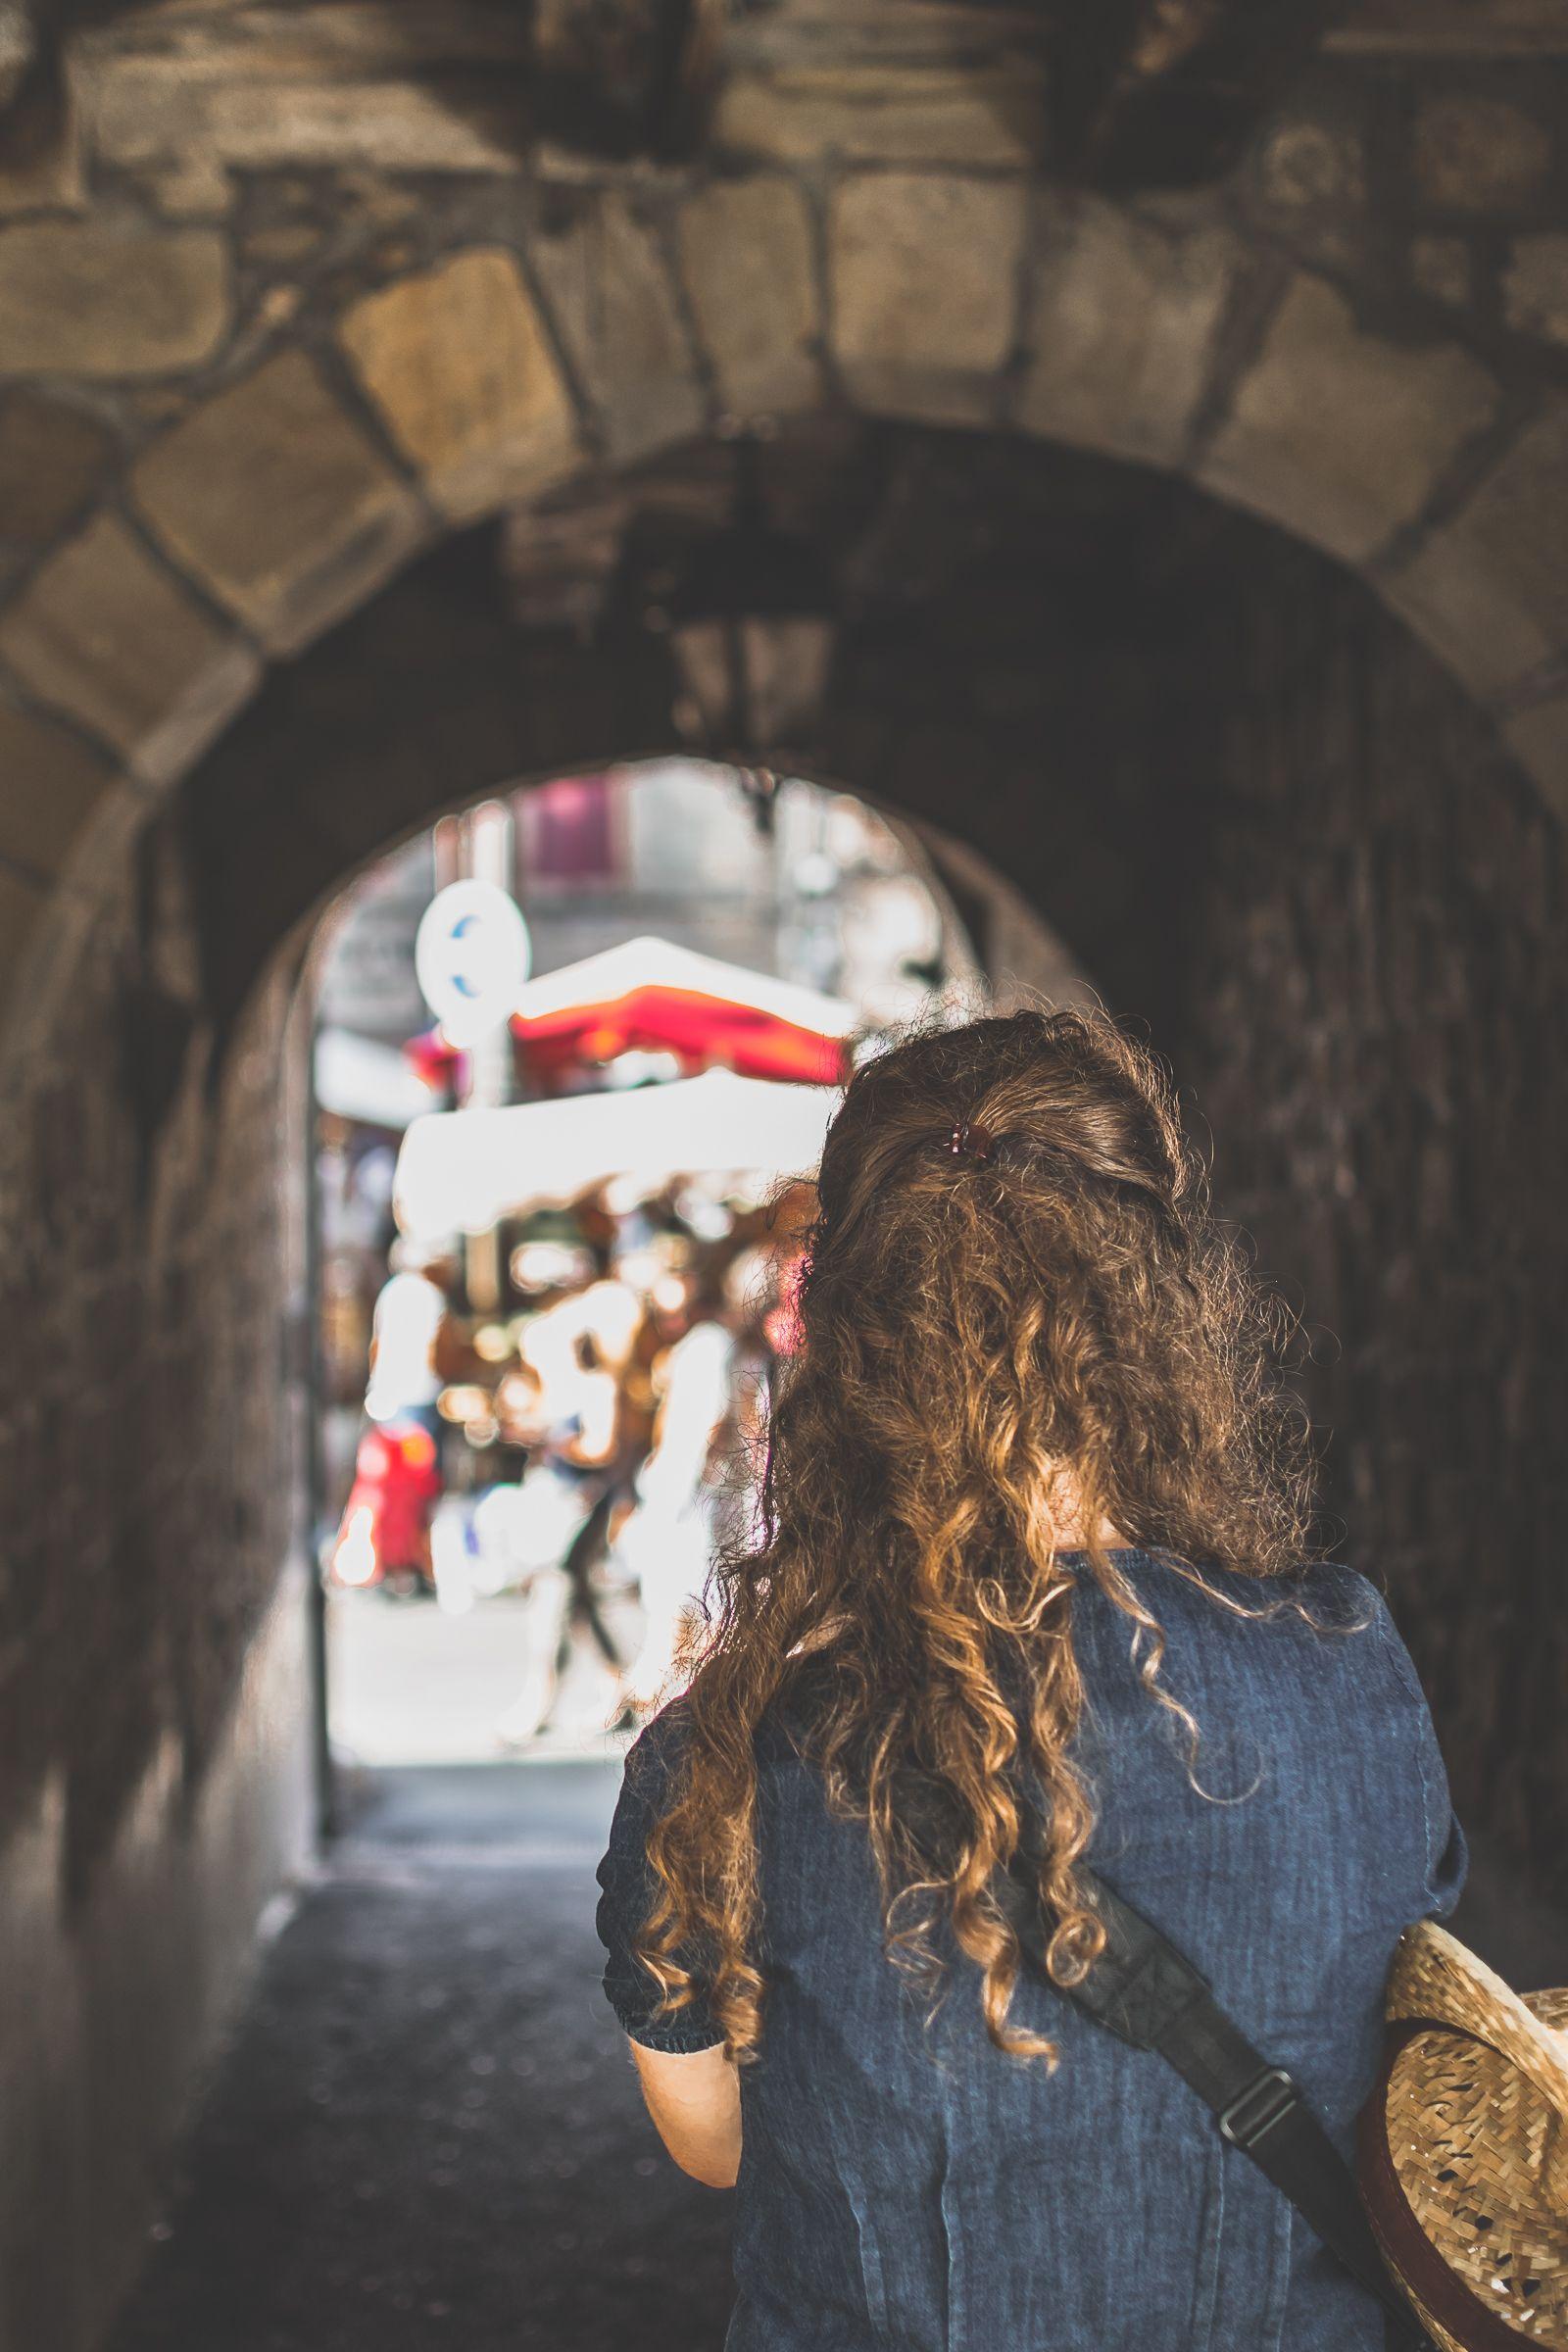 femme sous une arche de pierre